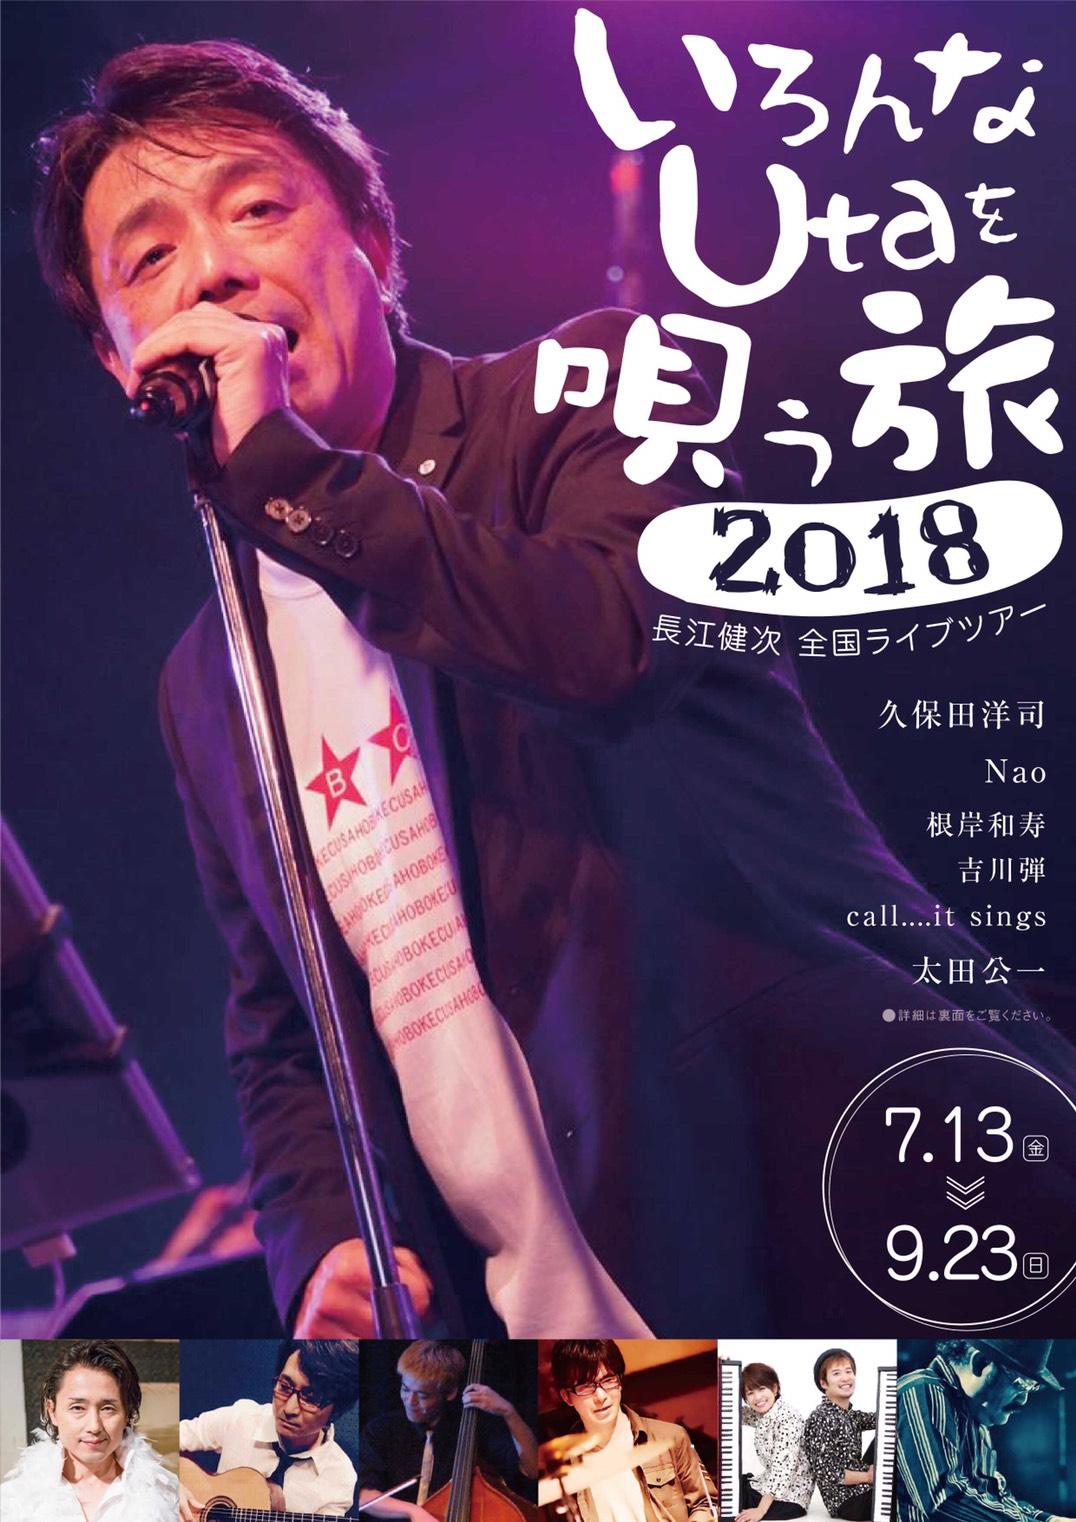 長江健次 全国ライブツアー いろんなUtaを唄う旅